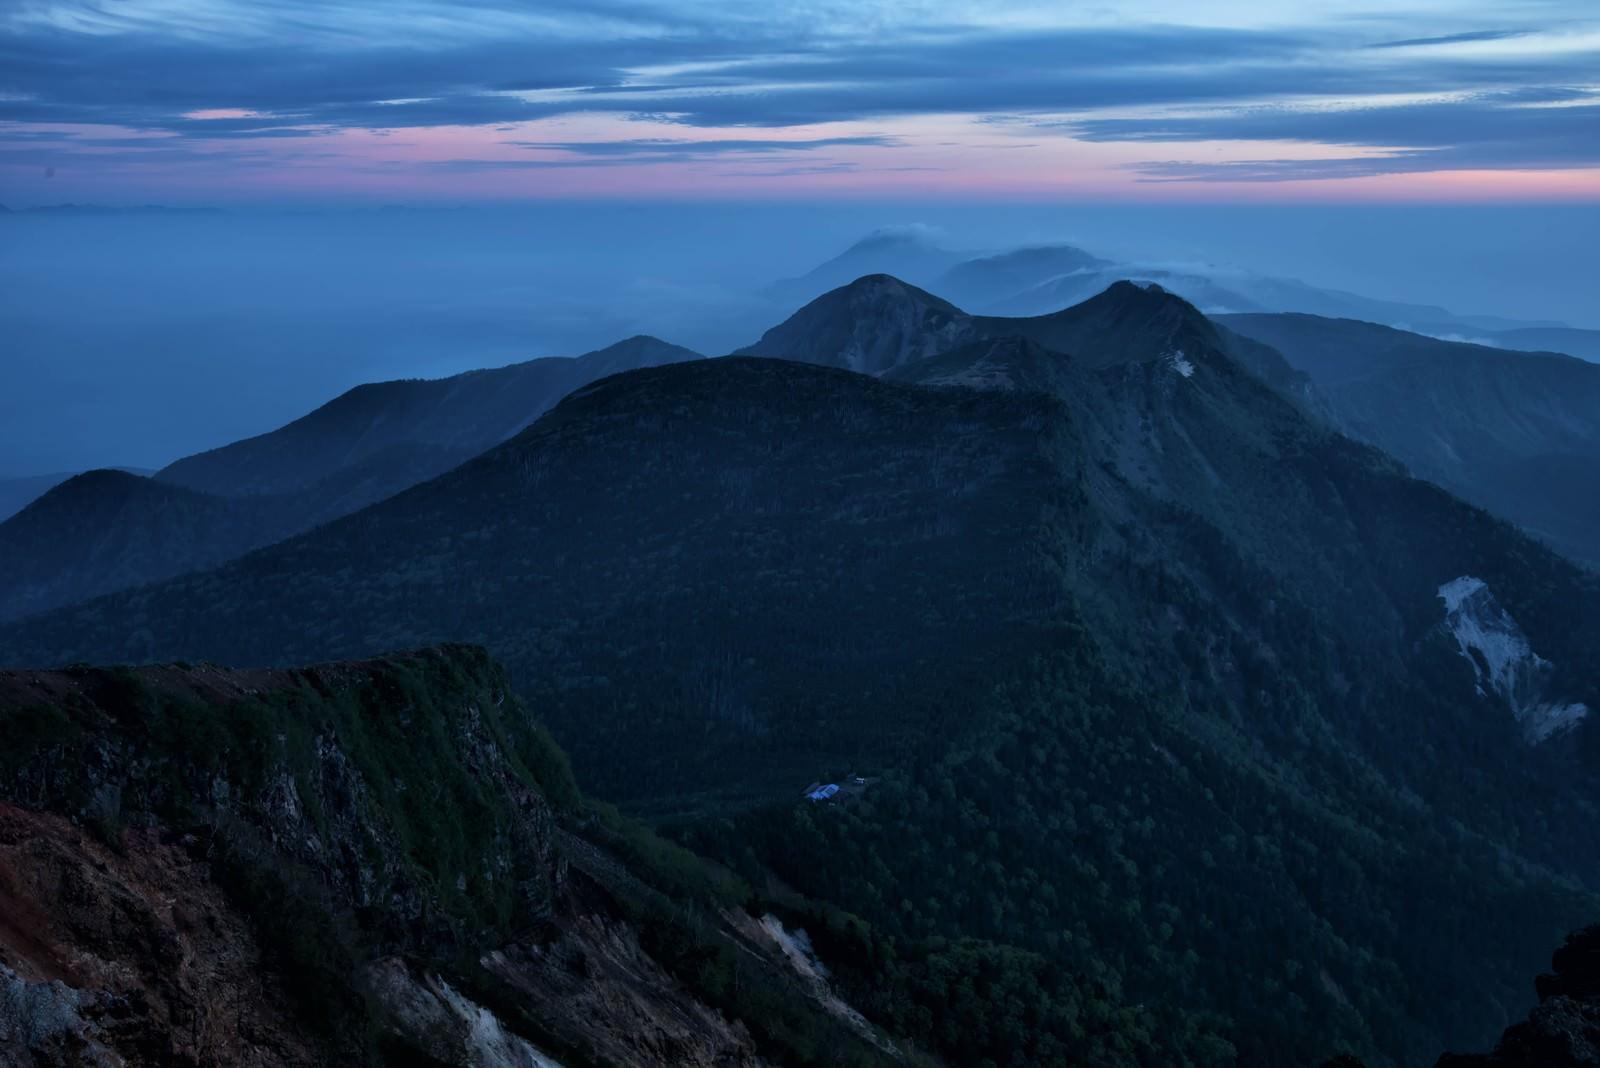 「朝焼けの天狗岳と根石岳山荘」の写真